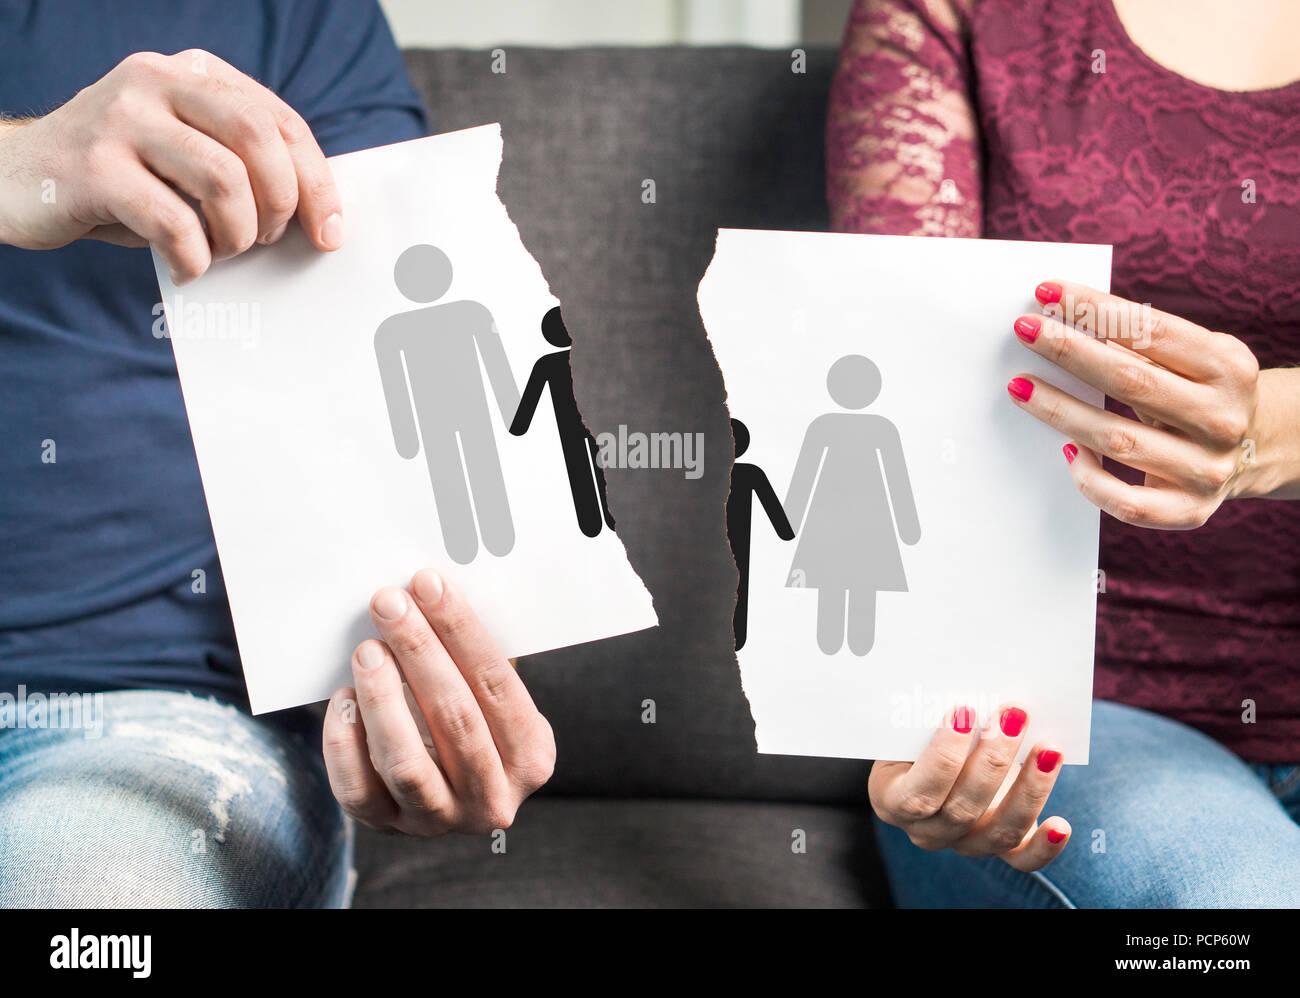 Rompere, il divorzio, la custodia congiunta dei figli e della famiglia di rottura al di là del concetto. Bad parenting. Lotta legale sui ragazzi. Immagini Stock